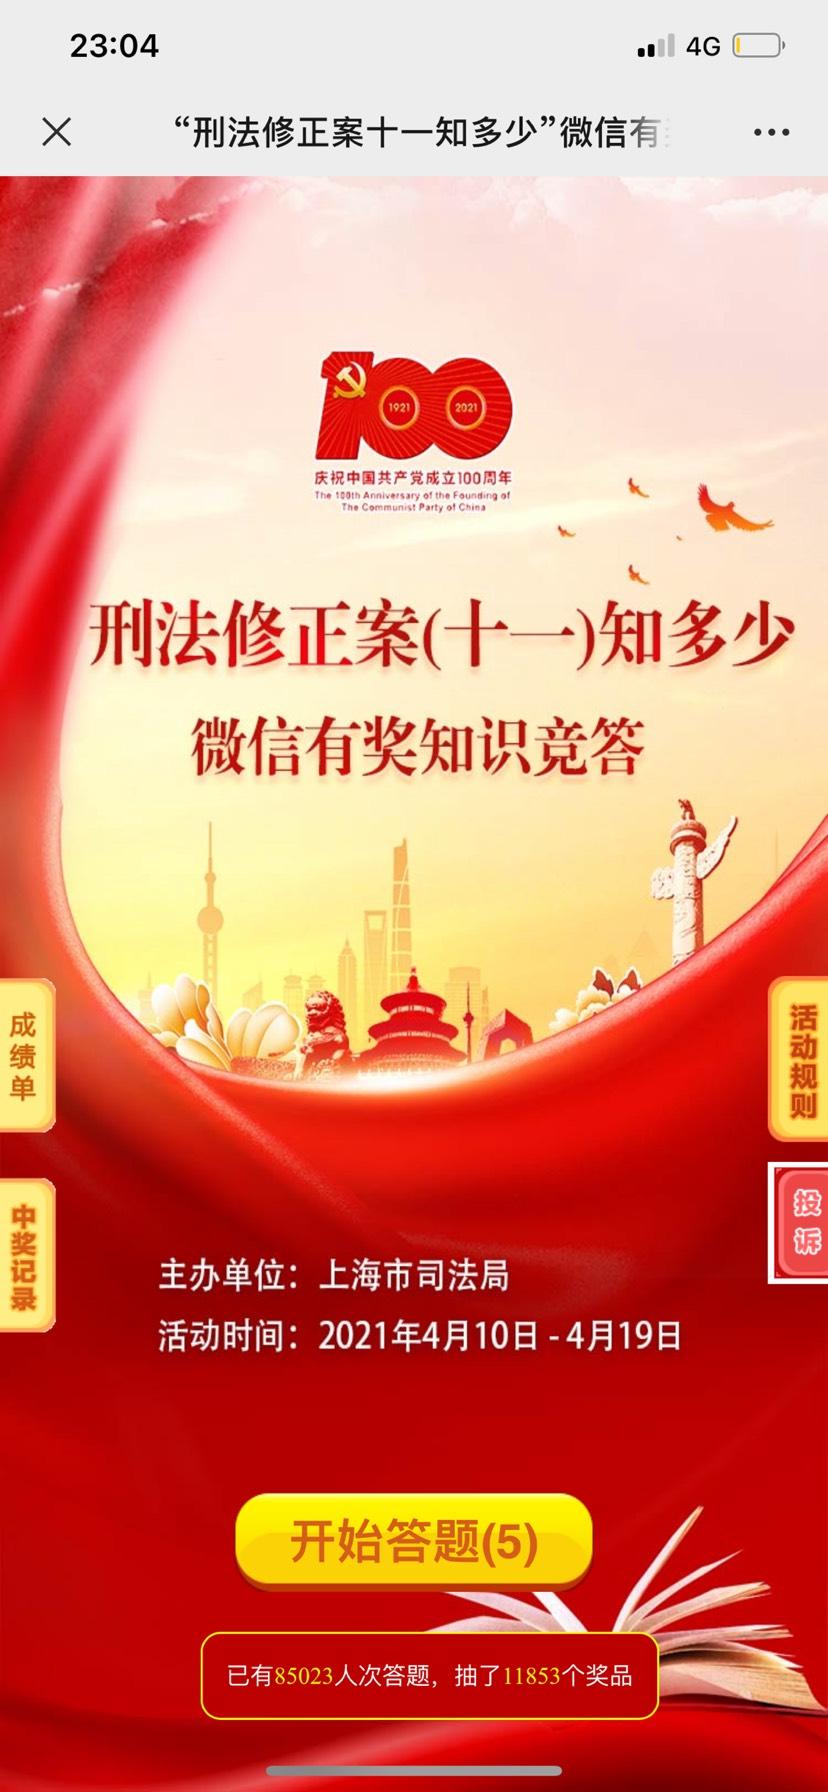 上海司法局答题抽红包